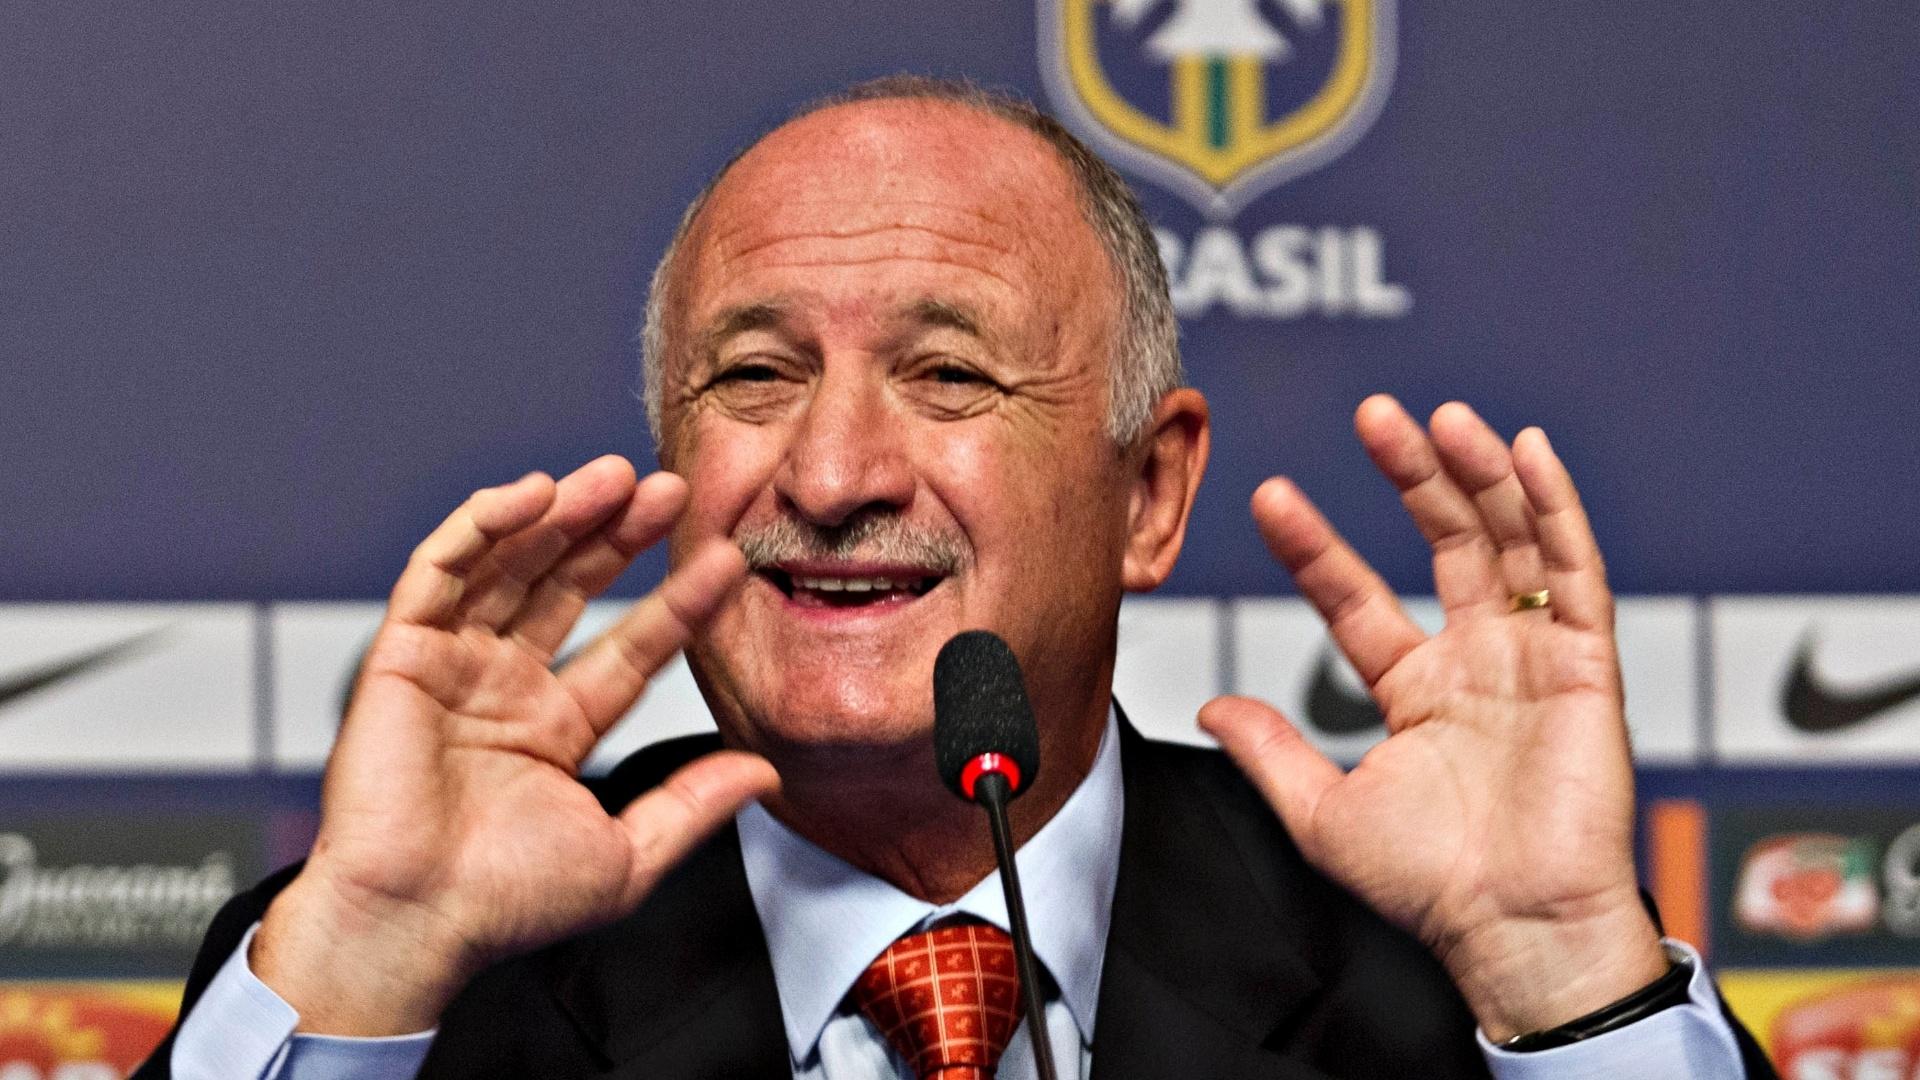 22.jan.2013 - Técnico da seleção brasileira, Luiz Felipe Scolari, gesticula durante anúncio de sua primeira convocação